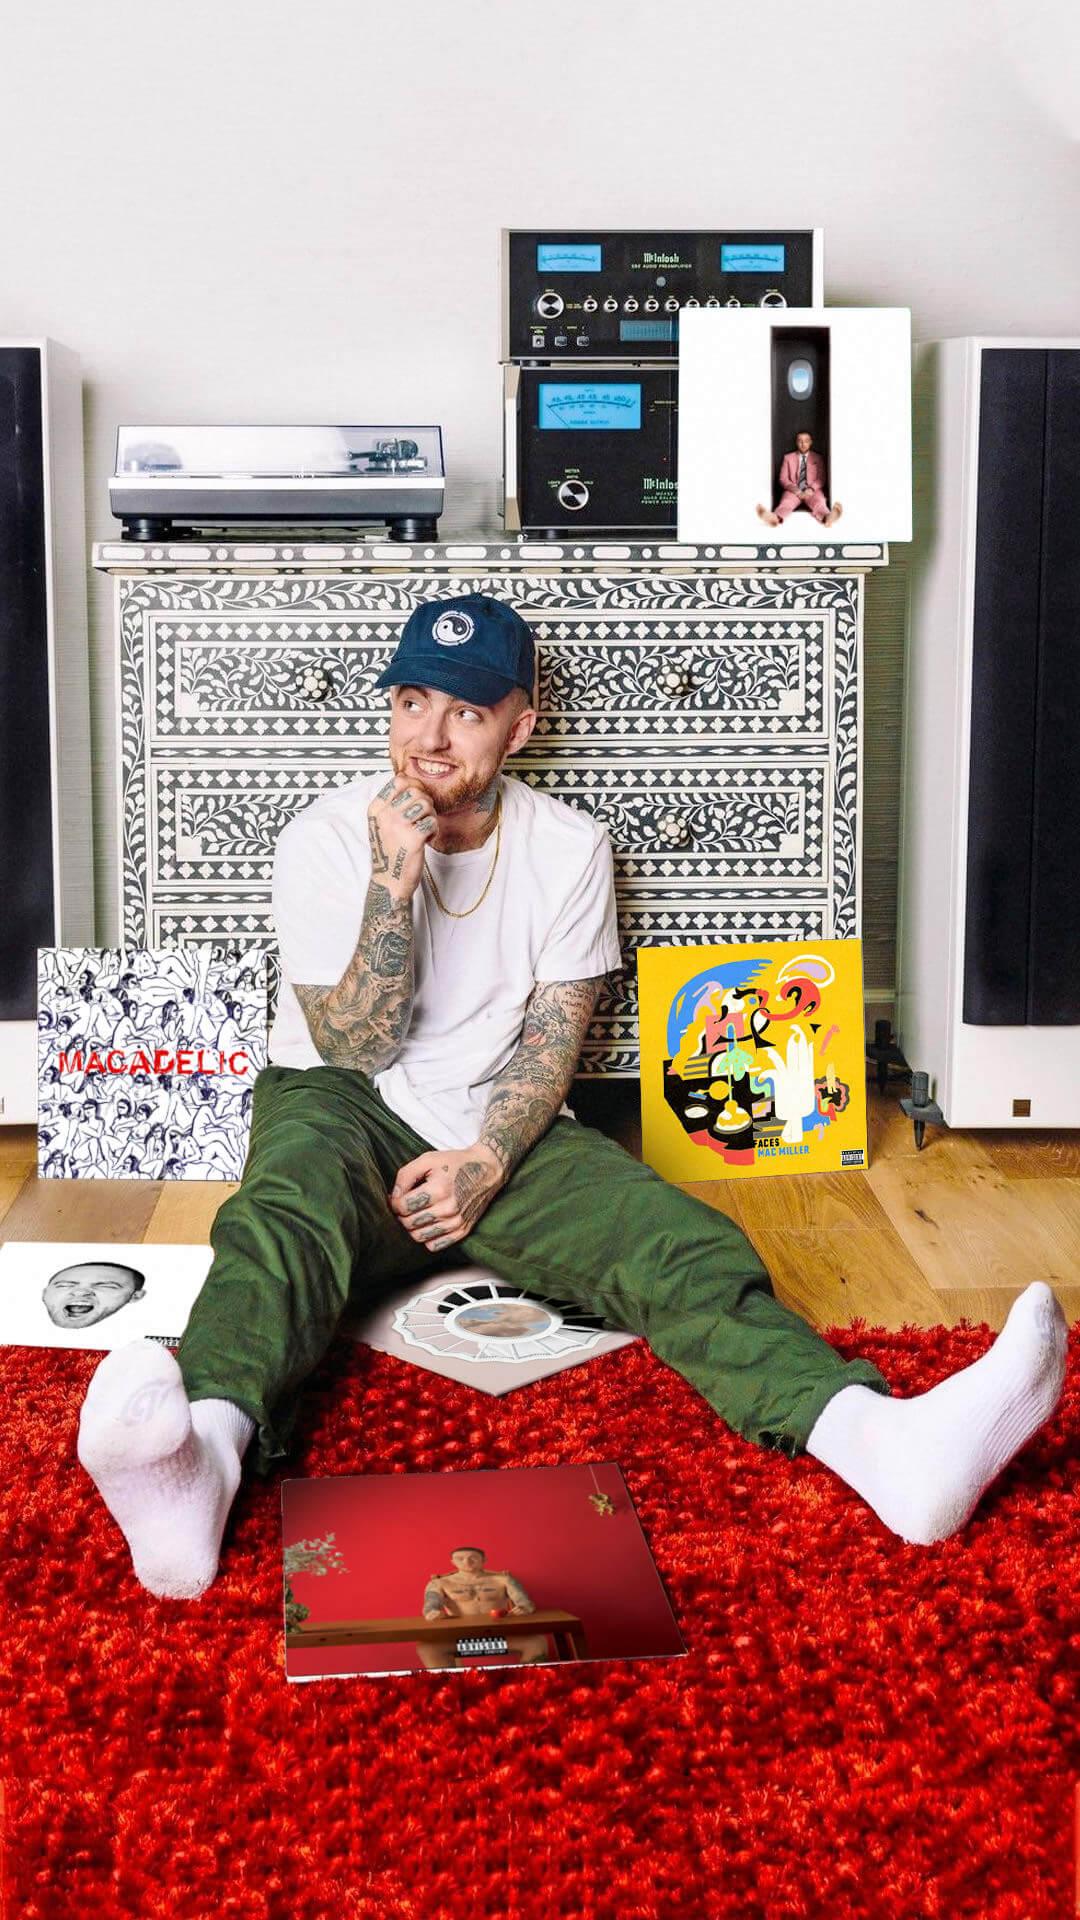 """La mixtape """"Faces"""" de Mac Miller llega por primera vez al streaming con un hermoso cortometraje del artista"""